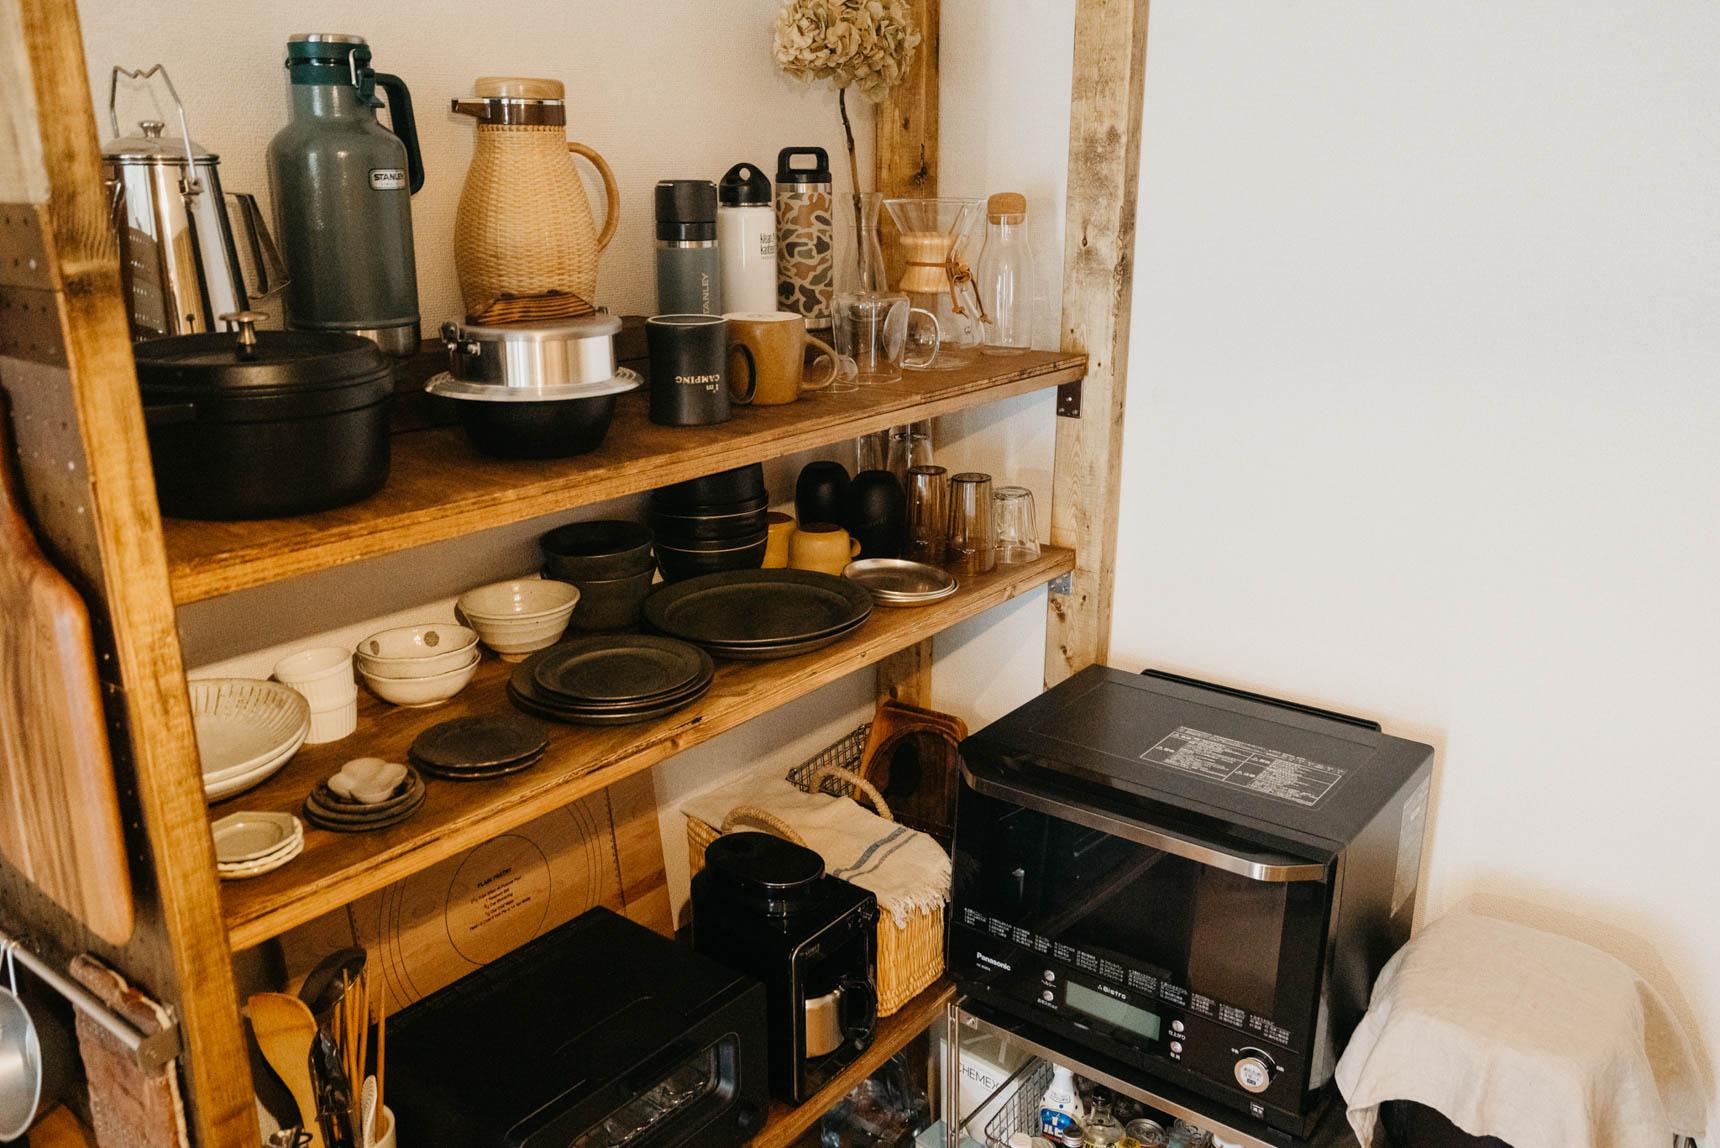 よくみると、キッチンの棚にもアウトドアでも使えるグッズがたくさん並んでいます。